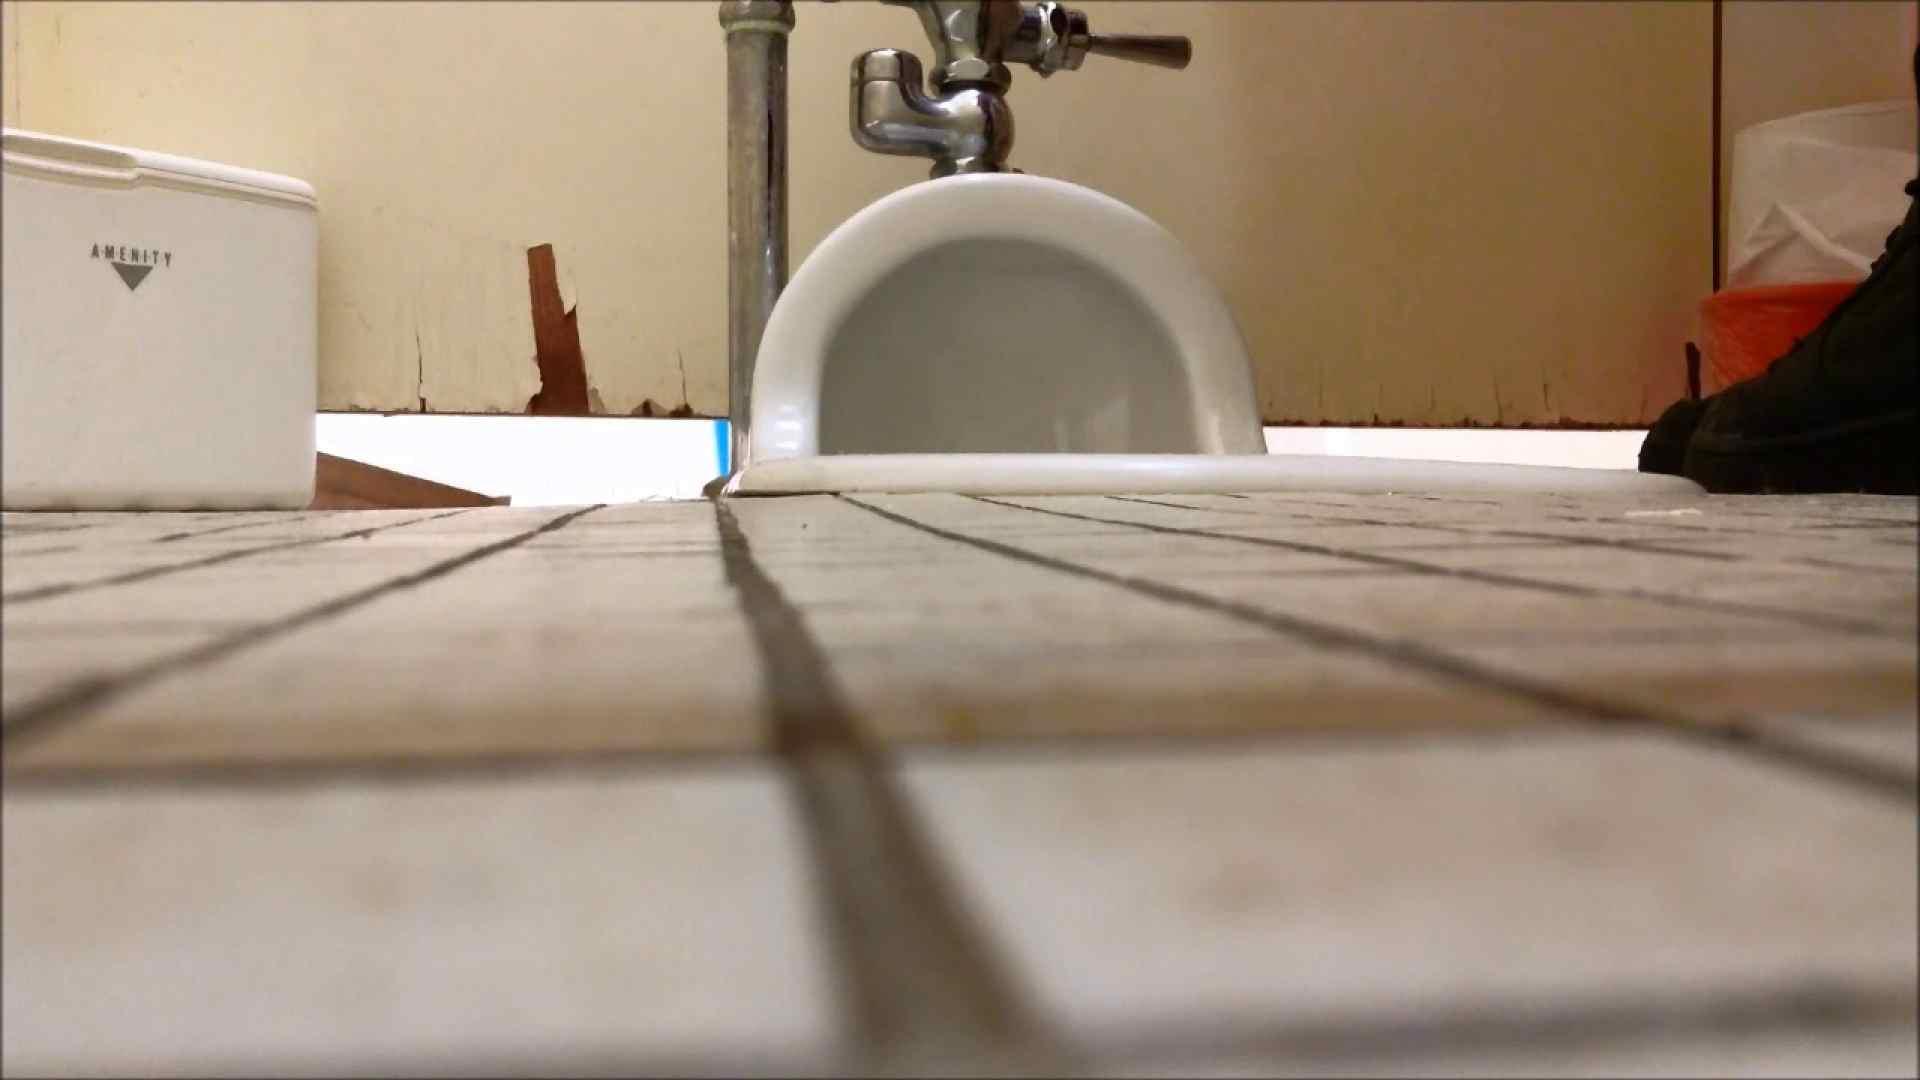 某有名大学女性洗面所 vol.13 OLのボディ エロ画像 105PIX 45